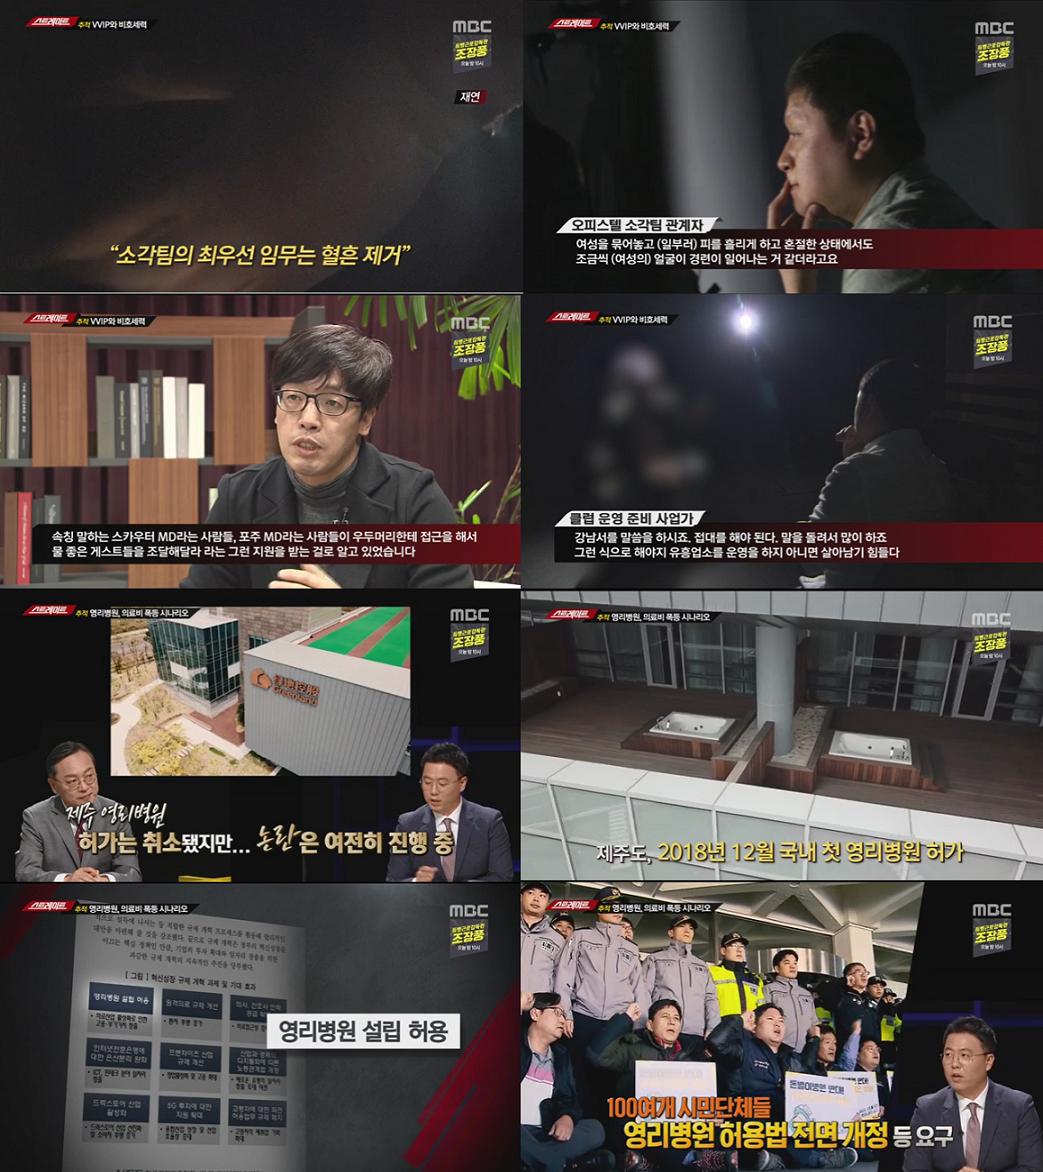 '스트레이트' 버닝썬·아레나, 범죄 지우는 소각팀 운영했다 '충격 실체'